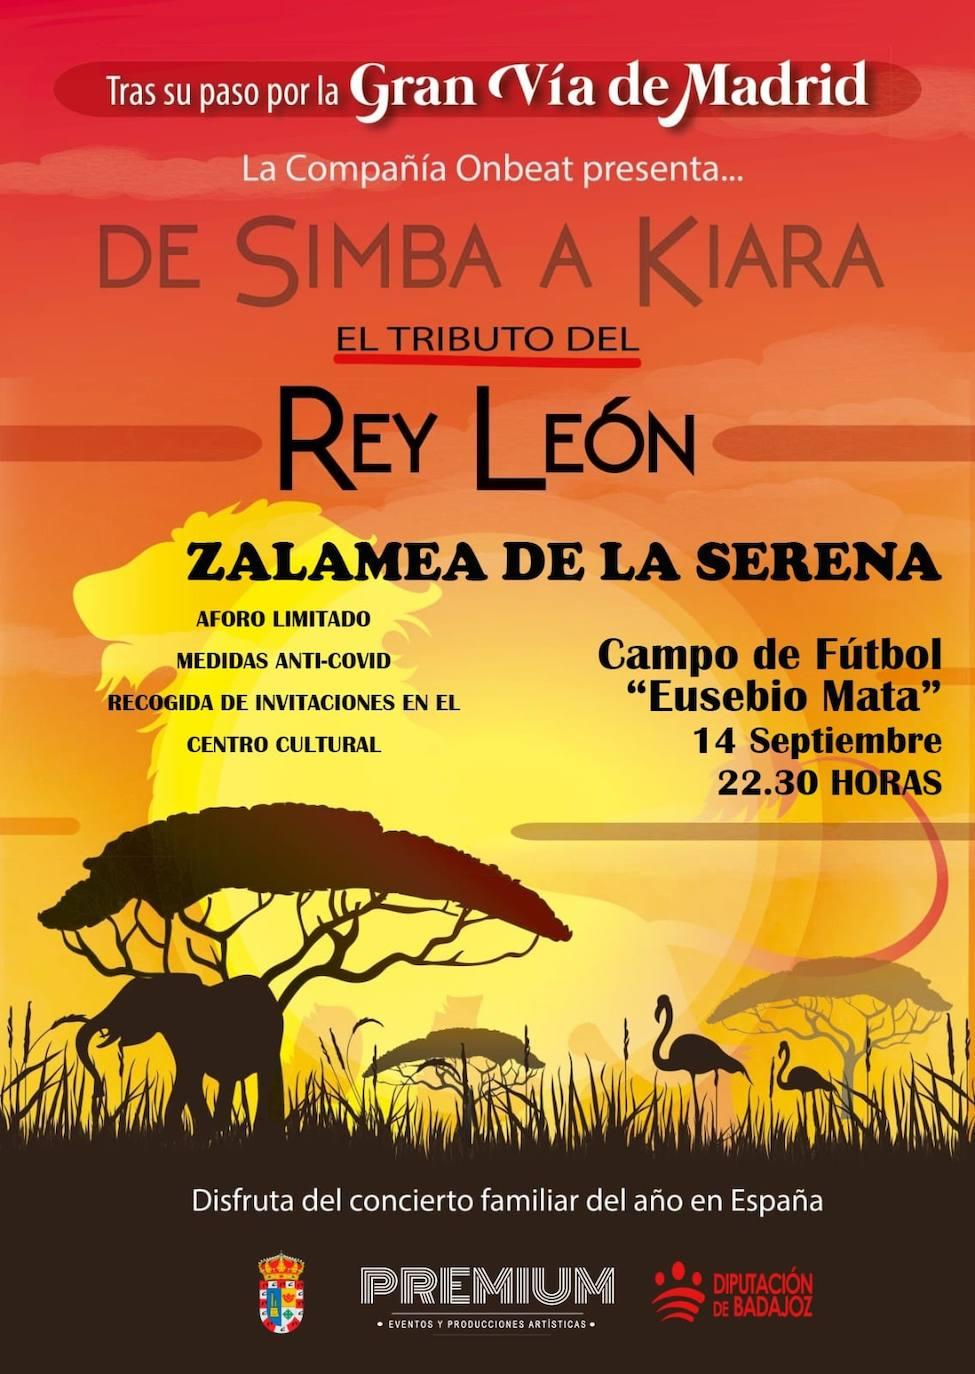 Aplazado al jueves 16 de septiembre el Musical Tributo del Rey León 'De Simba a Kiara'